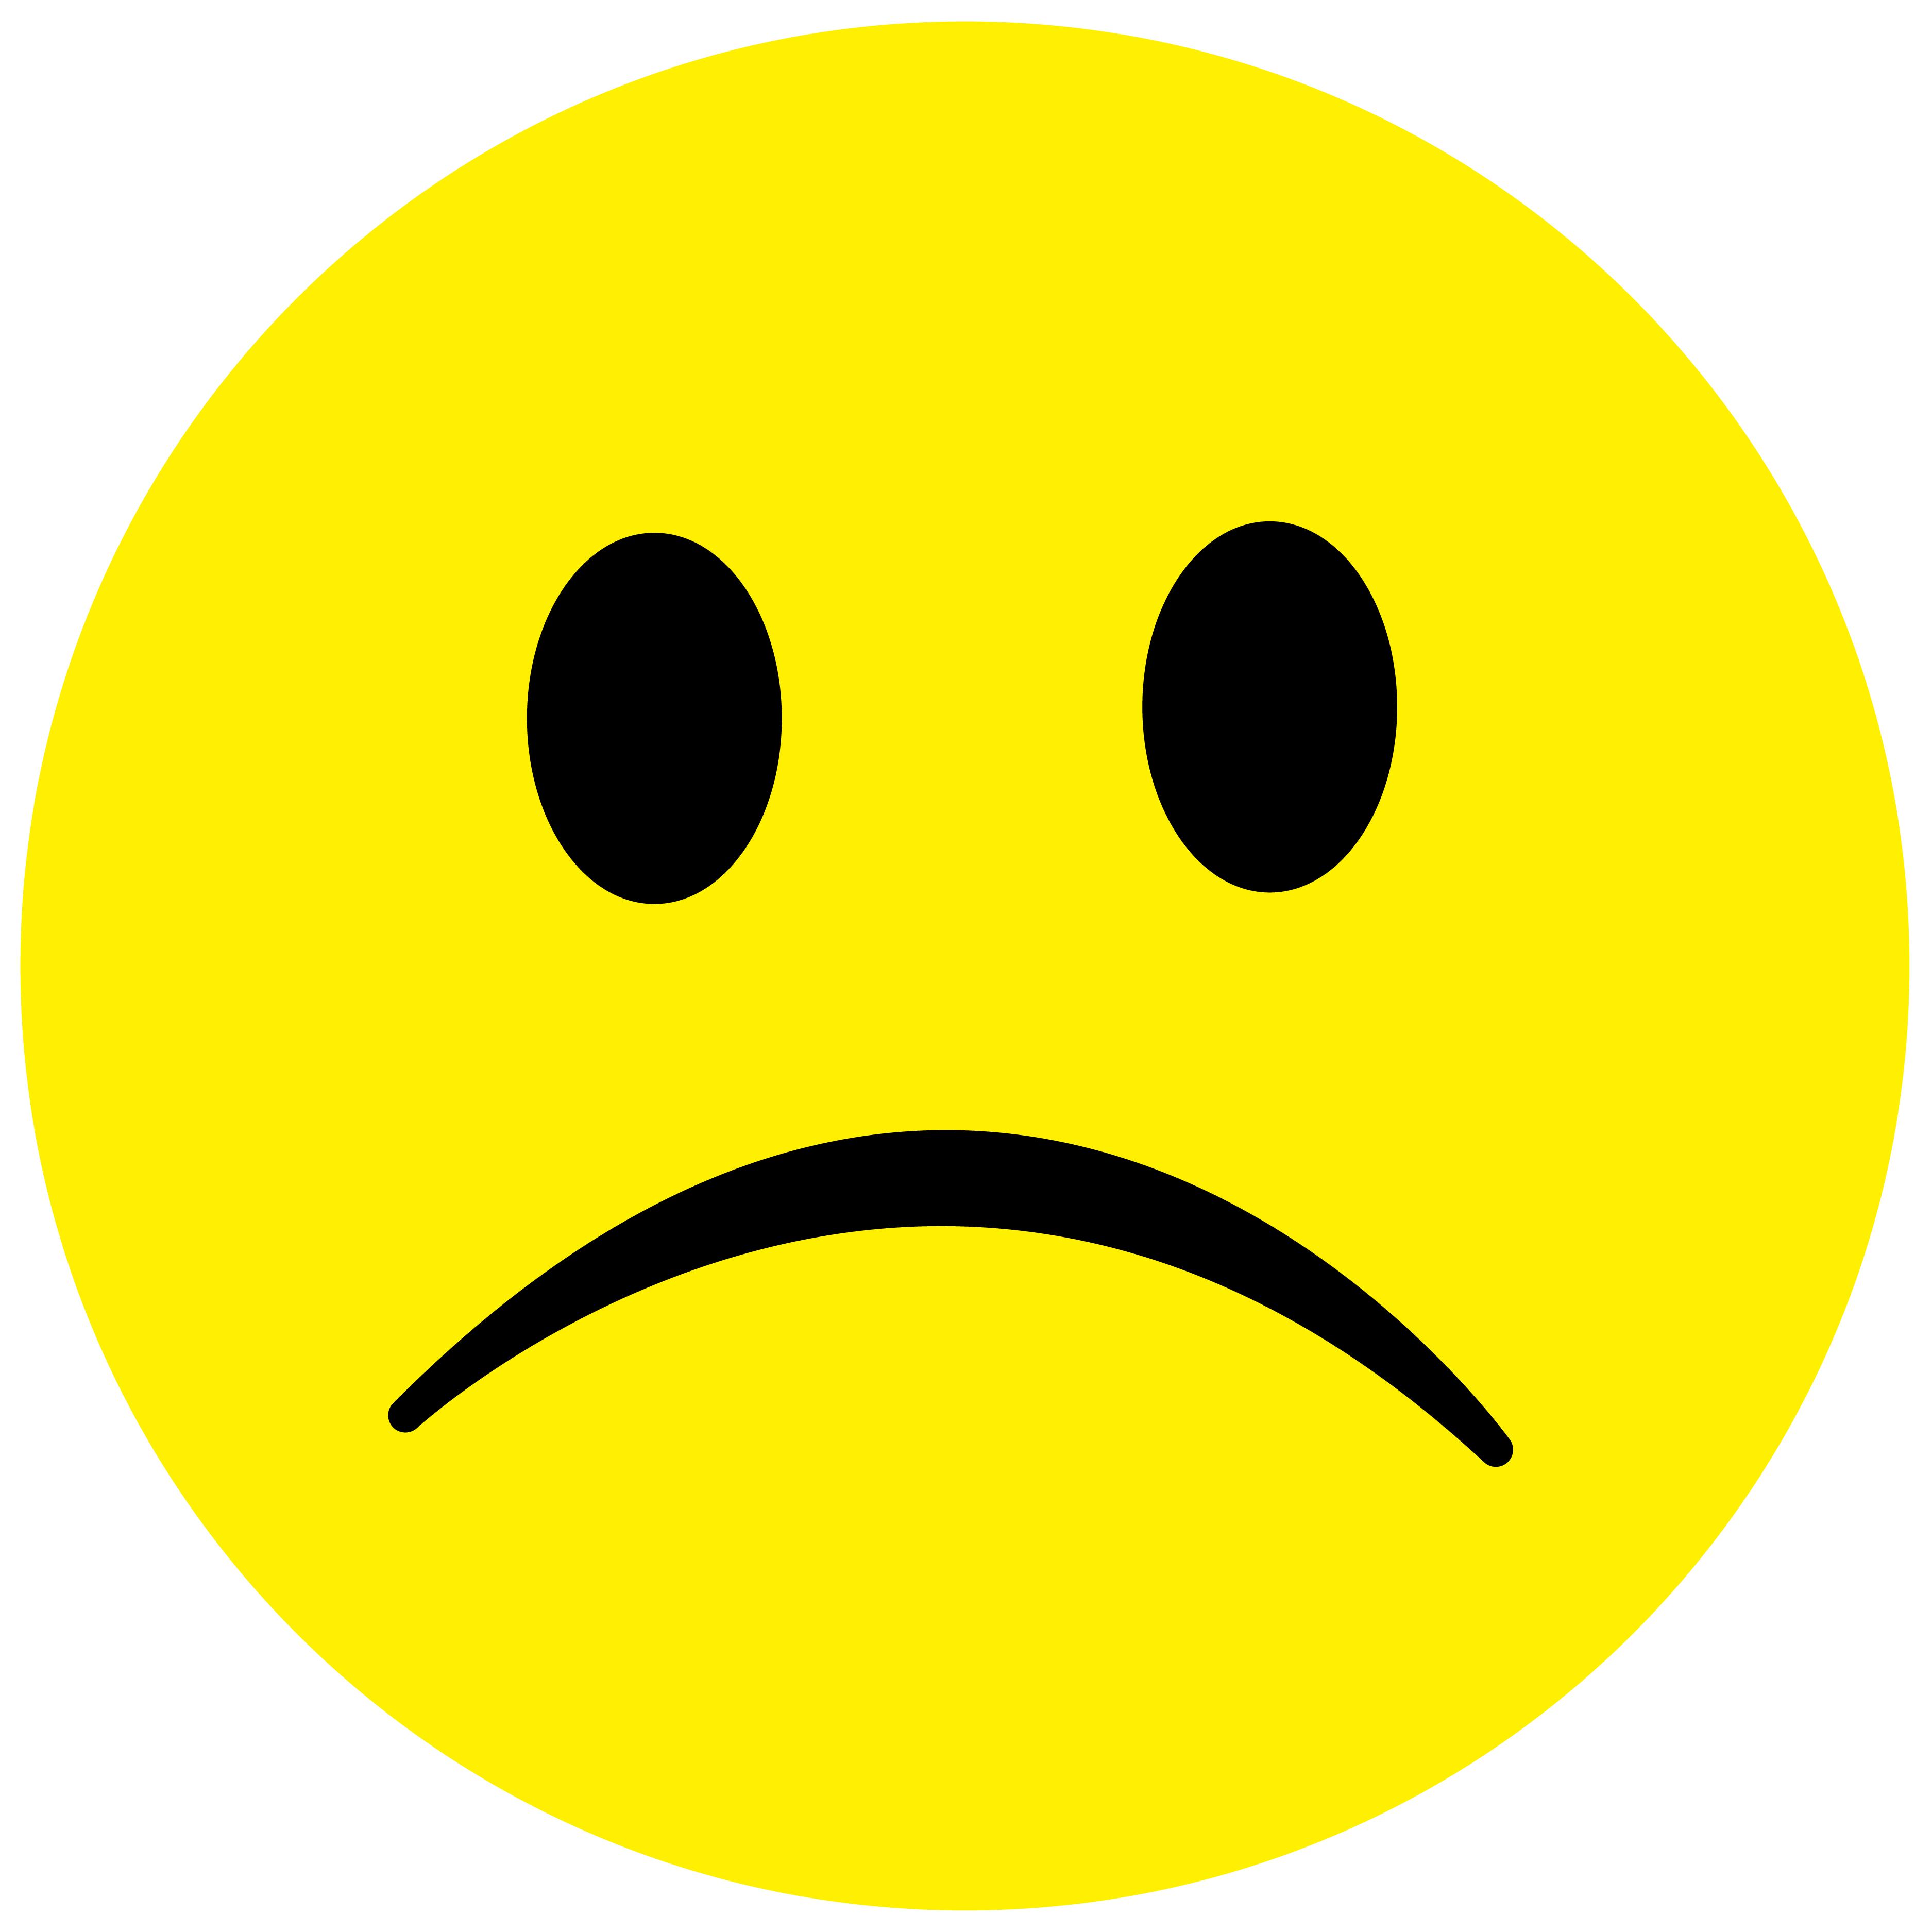 Smiley Aufkleber, Sticker Traurig2 Smilies, Menge/Größefrei wählbar